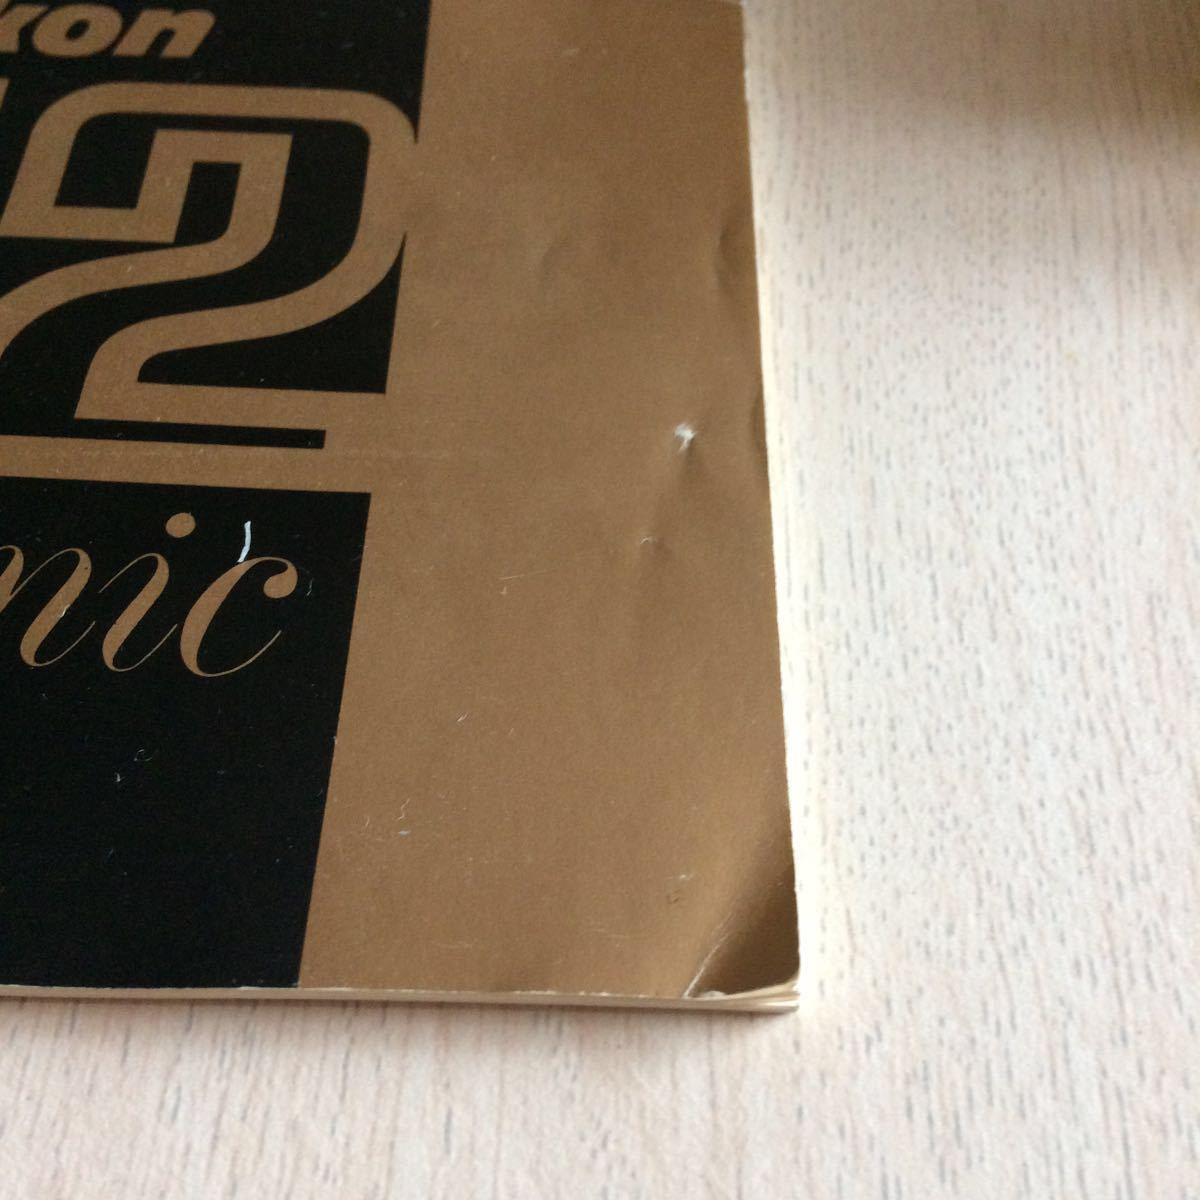 ニコン Nikon F2 取扱説明書 Nikonスピードライト_画像2